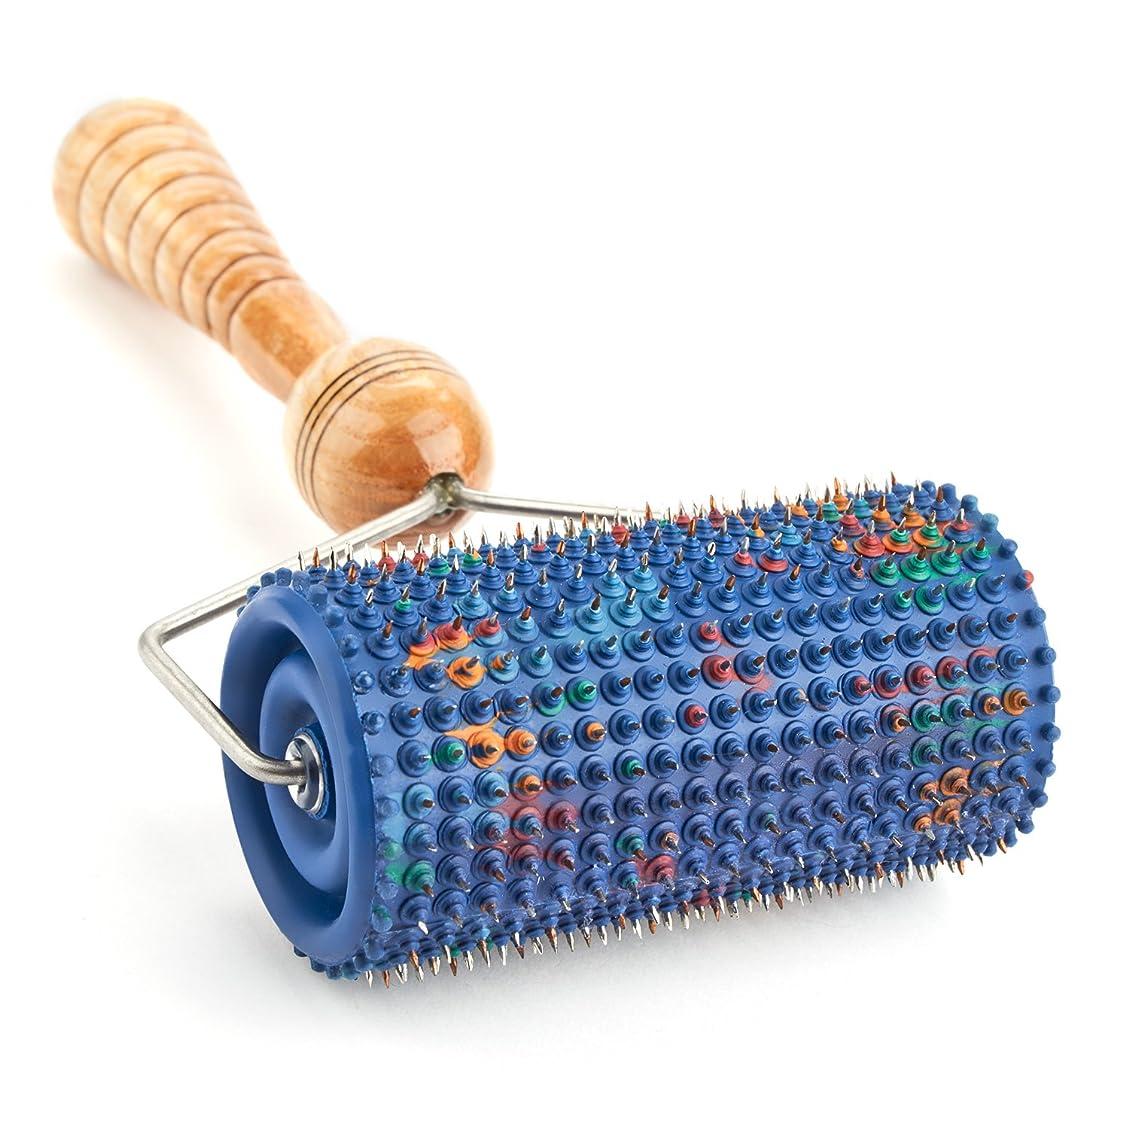 疲労不良指LYAPKOビッグローラーマッサージャー5.0 シルバーコーティング 指圧570針使用。体の広範囲のマッサージ用。ユニークなアプリケーター治療 セルフ ダイナミック マッサージ ツール Big Roller Massager Acupuncture Applicator